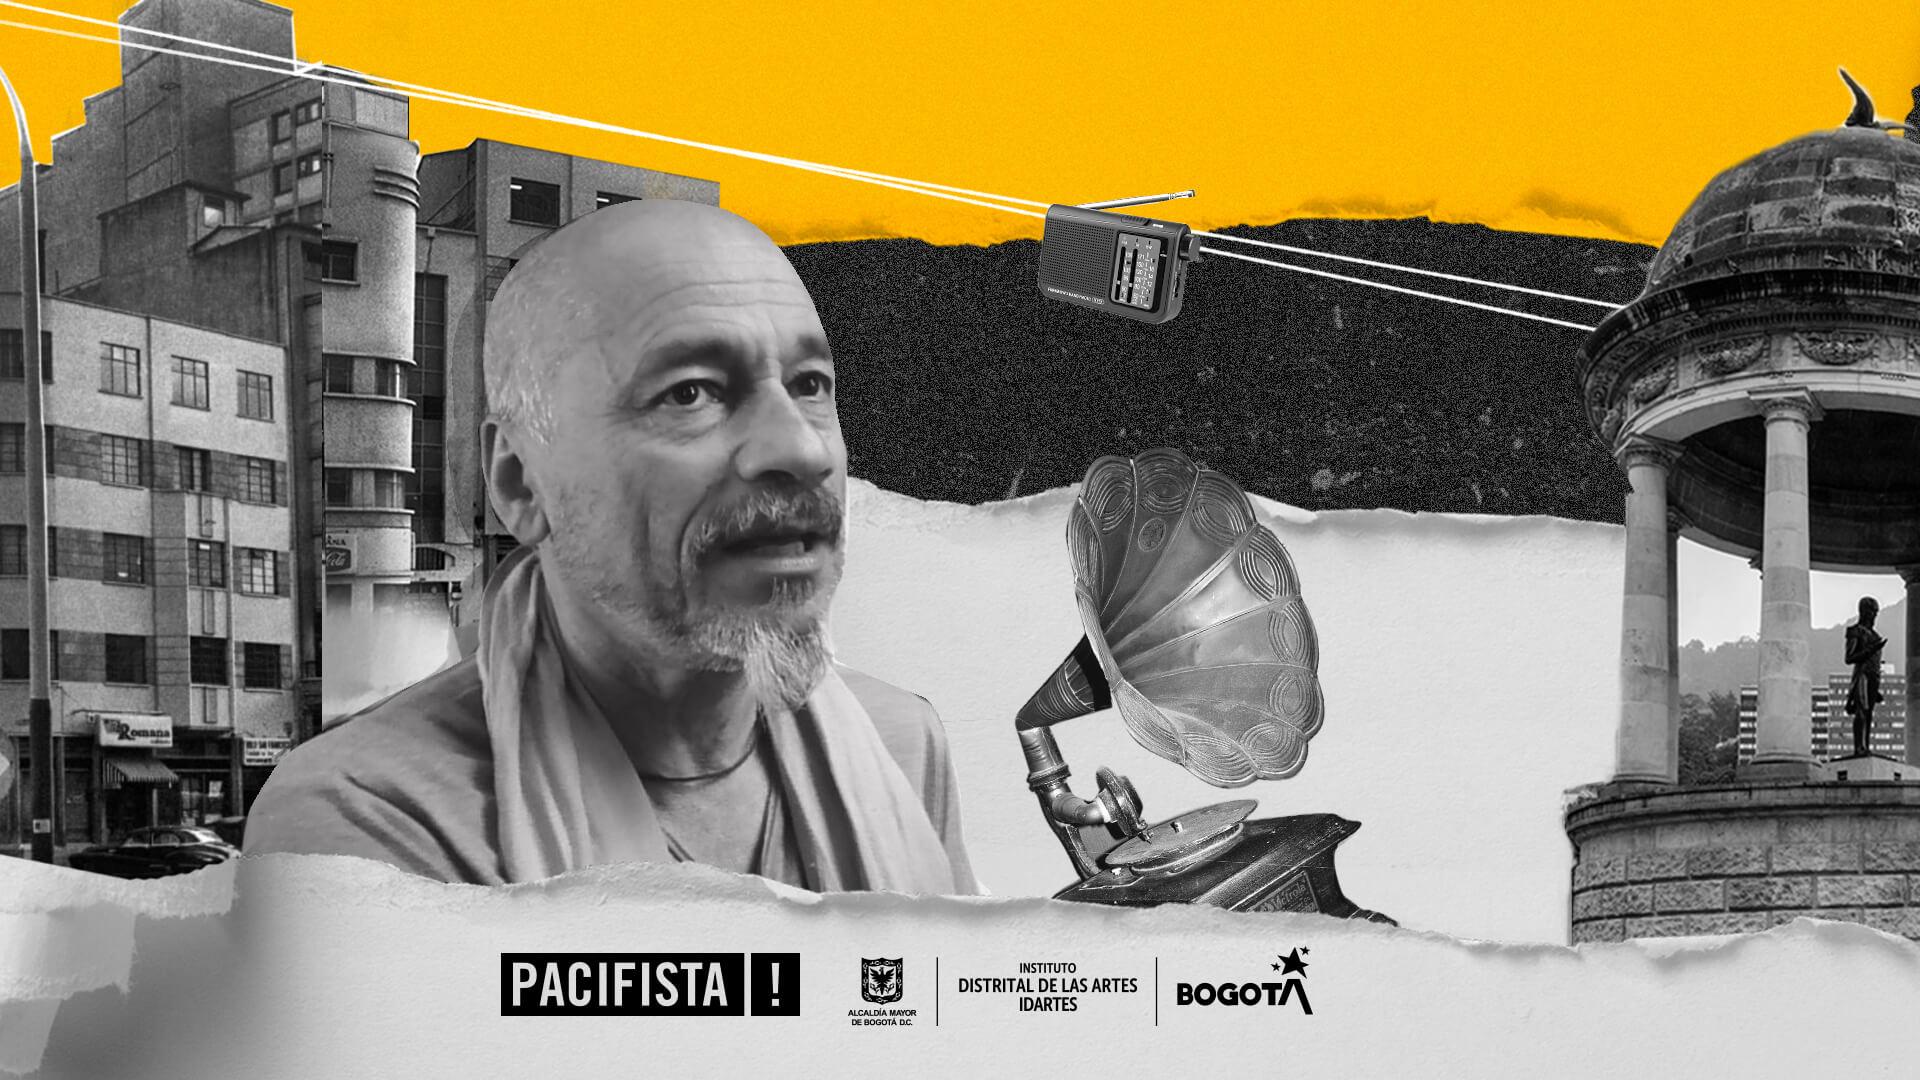 Cómo eliminar los puntos ciegos del periodismo cultural: una charla con Omar Rincón en MANADA